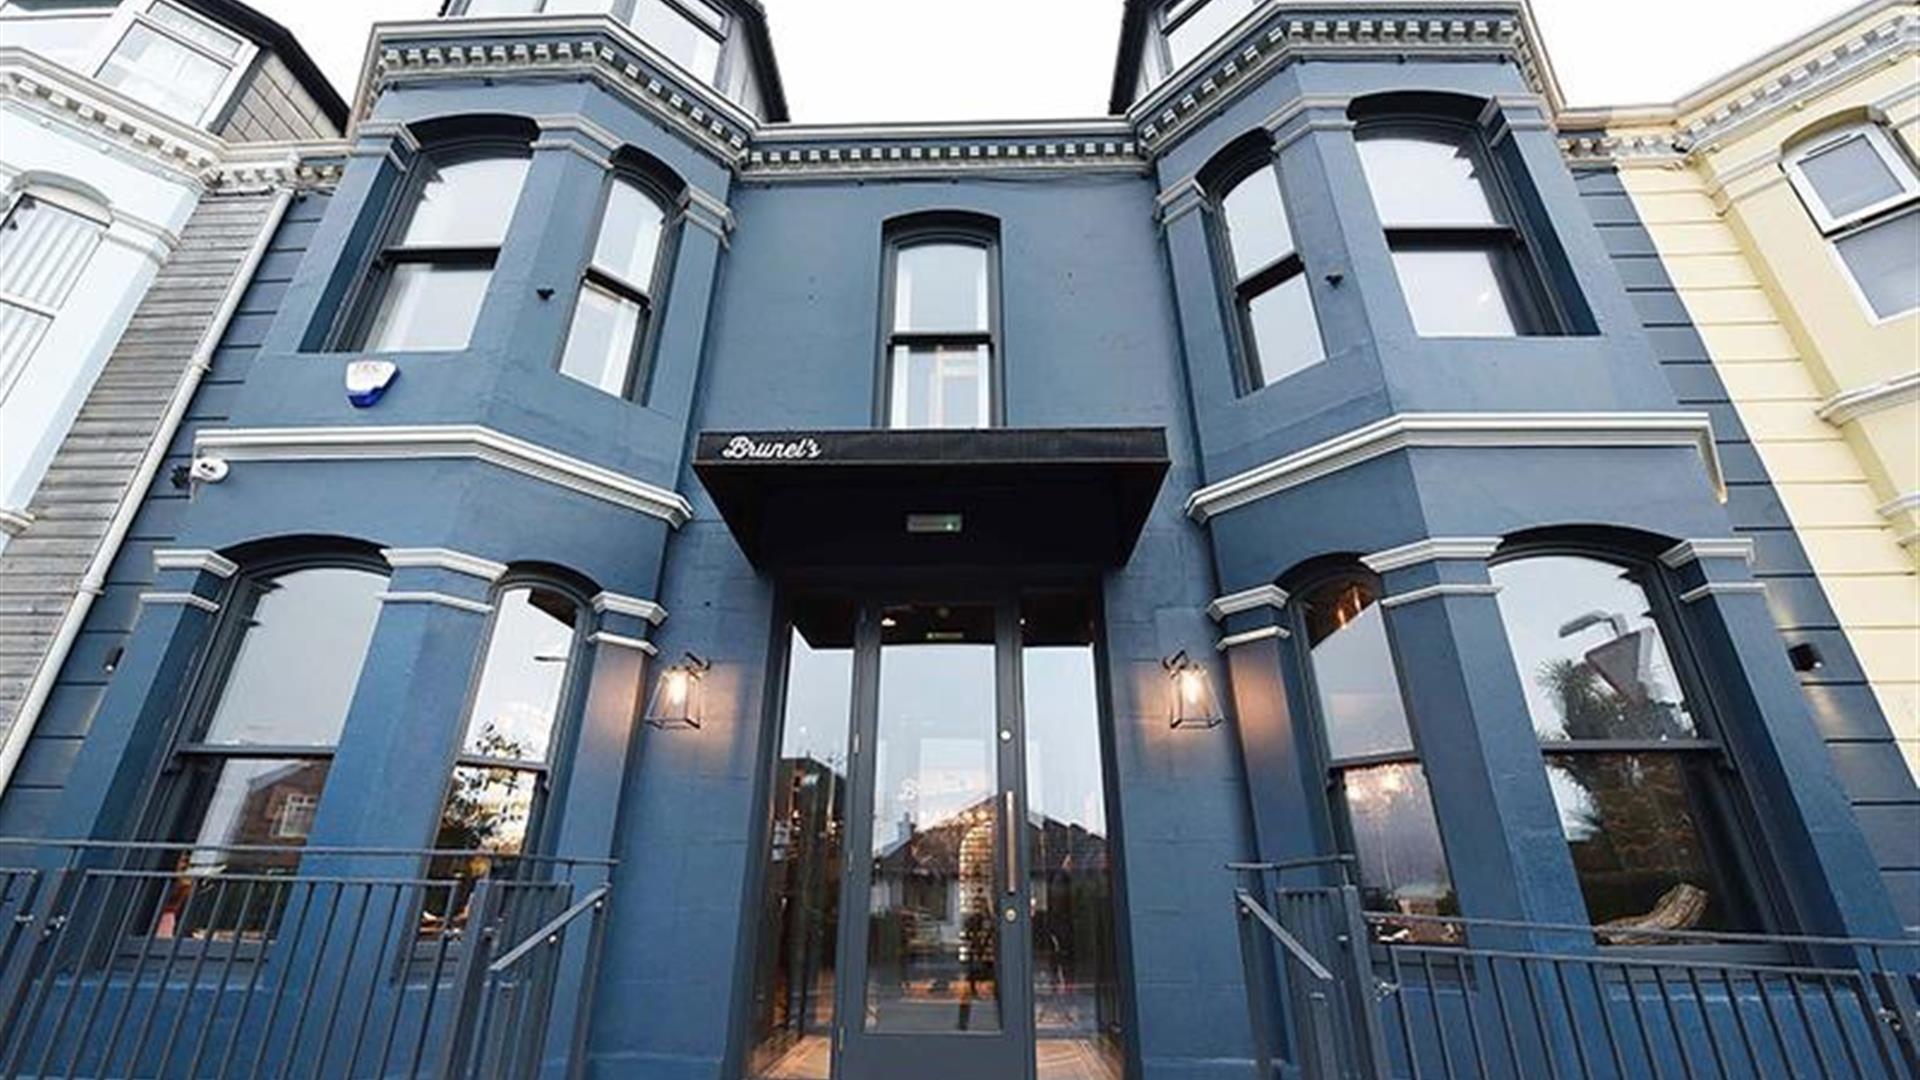 Brunel's Restaurant